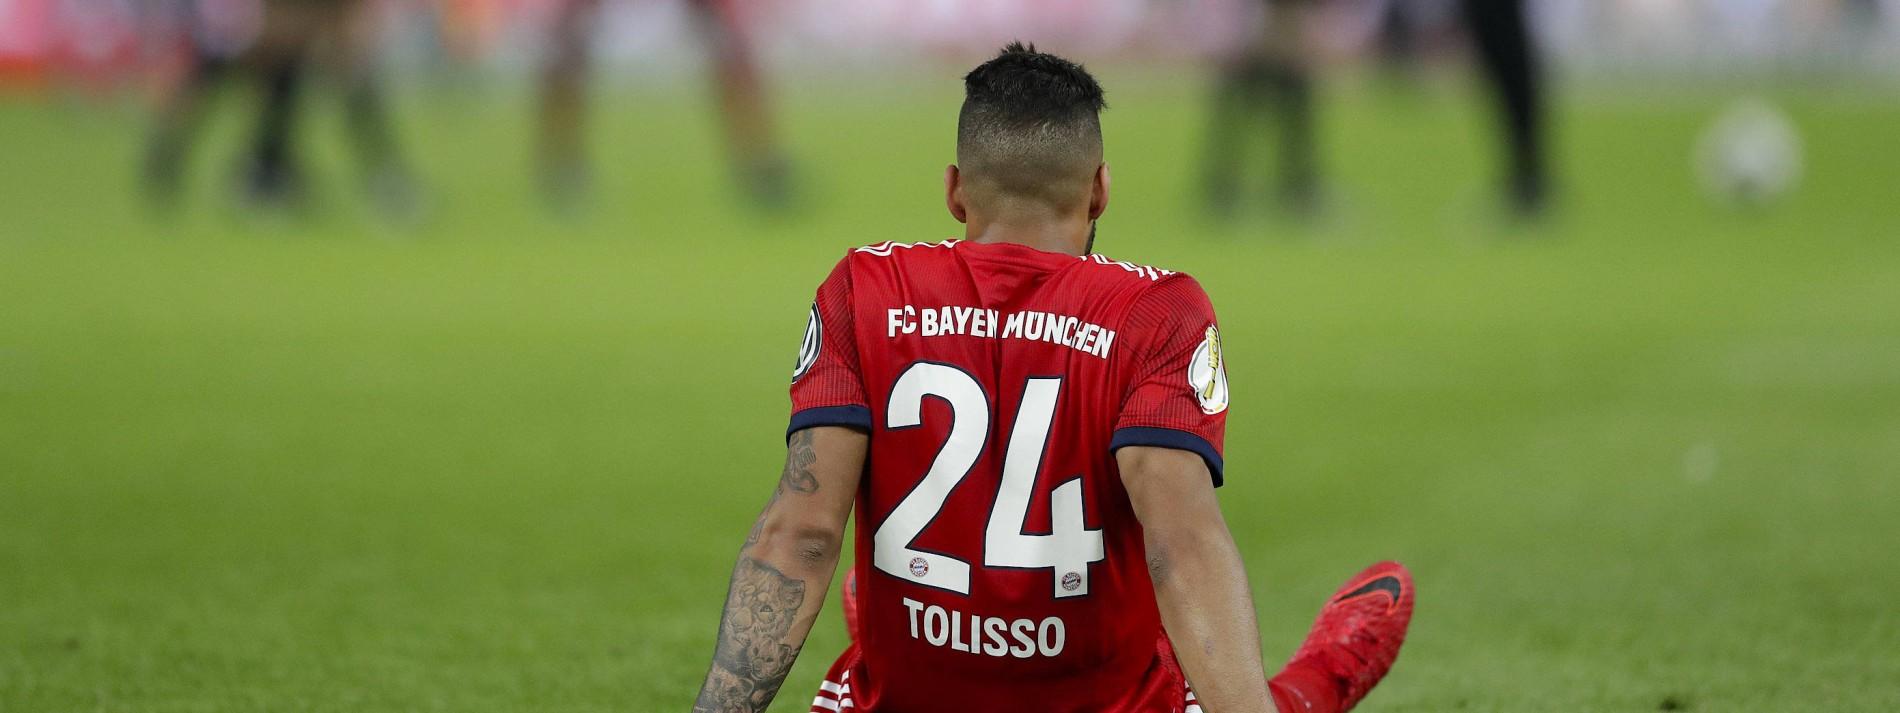 Die Bayern verlernen das anständige Verlieren